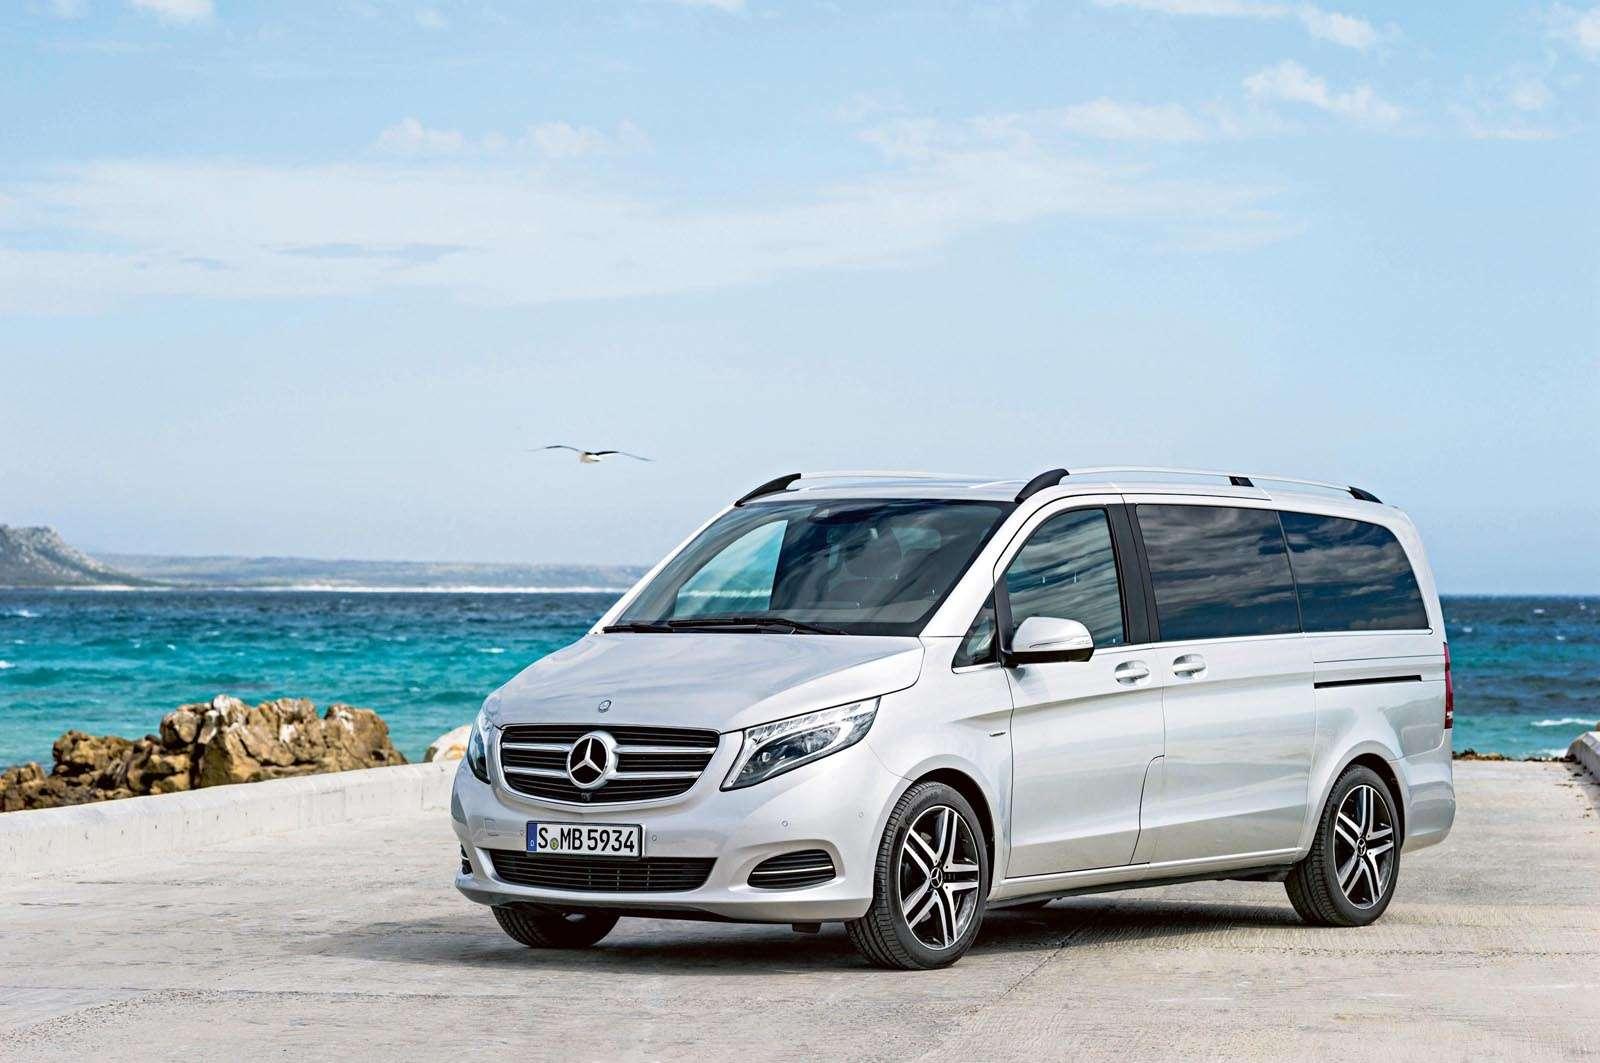 Dieneue Mercedes-Benz V-Klasse, The new Mercedes-Benz V-Class